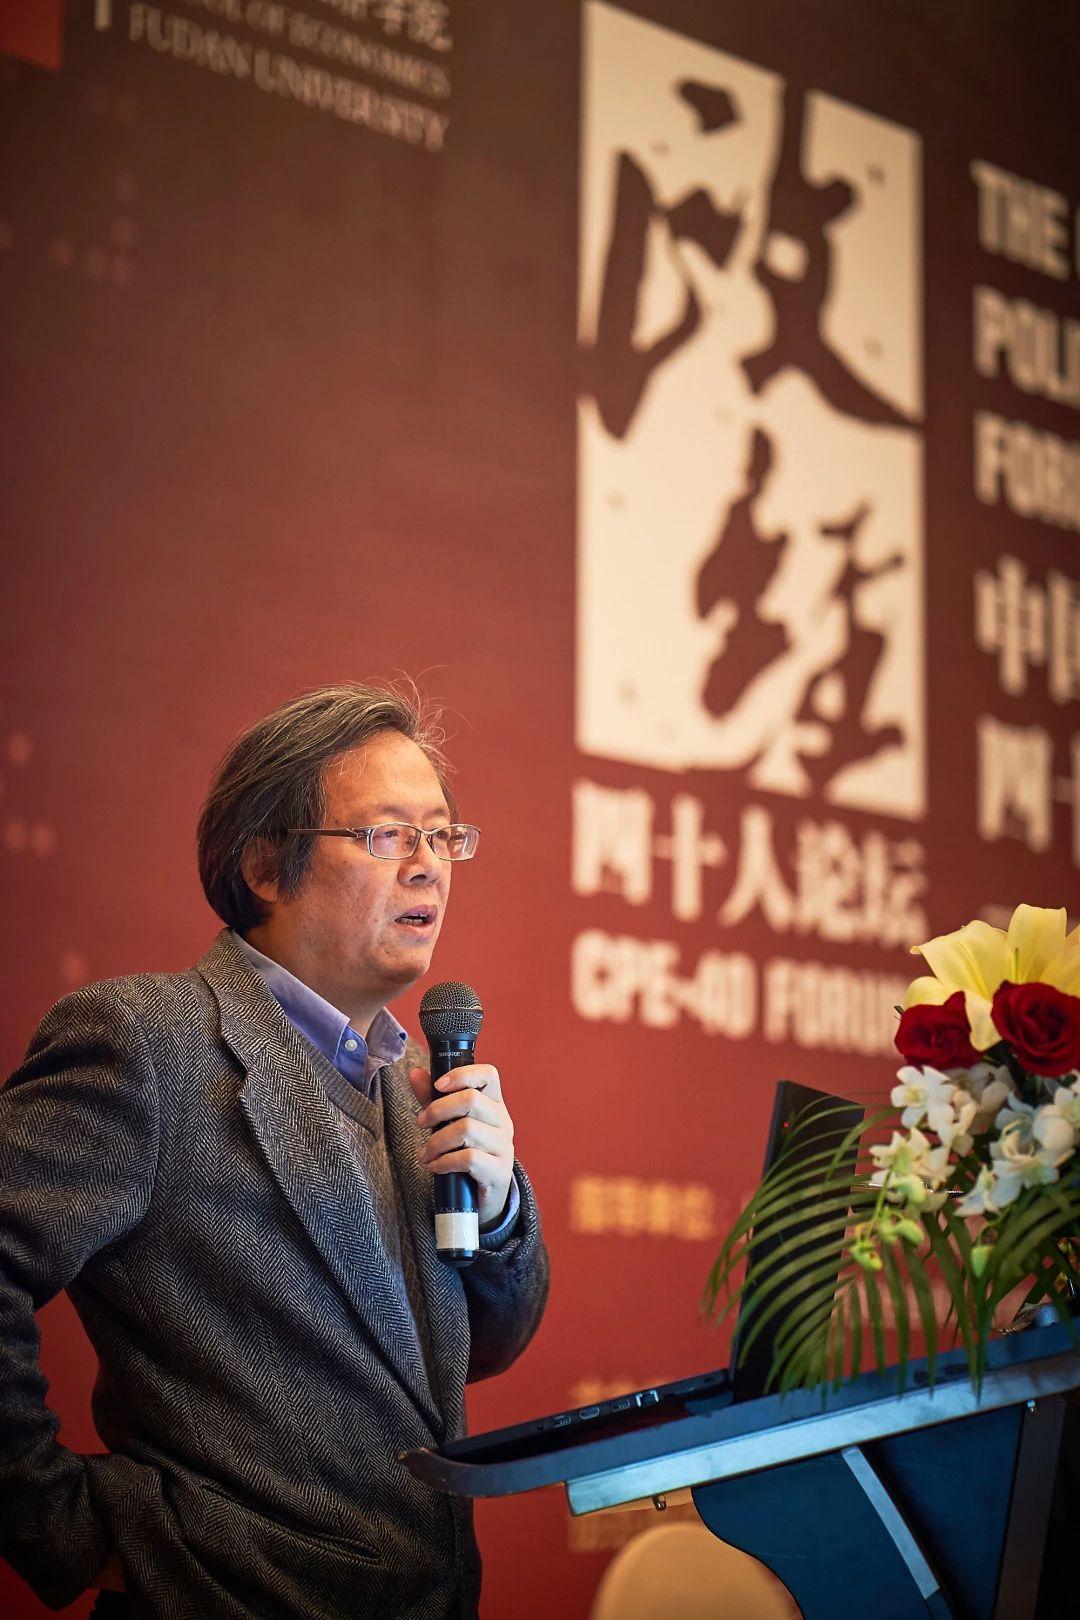 中国政治经济学40人论坛·2018演讲|龚刚:论市场经济条件下国有企业的作用